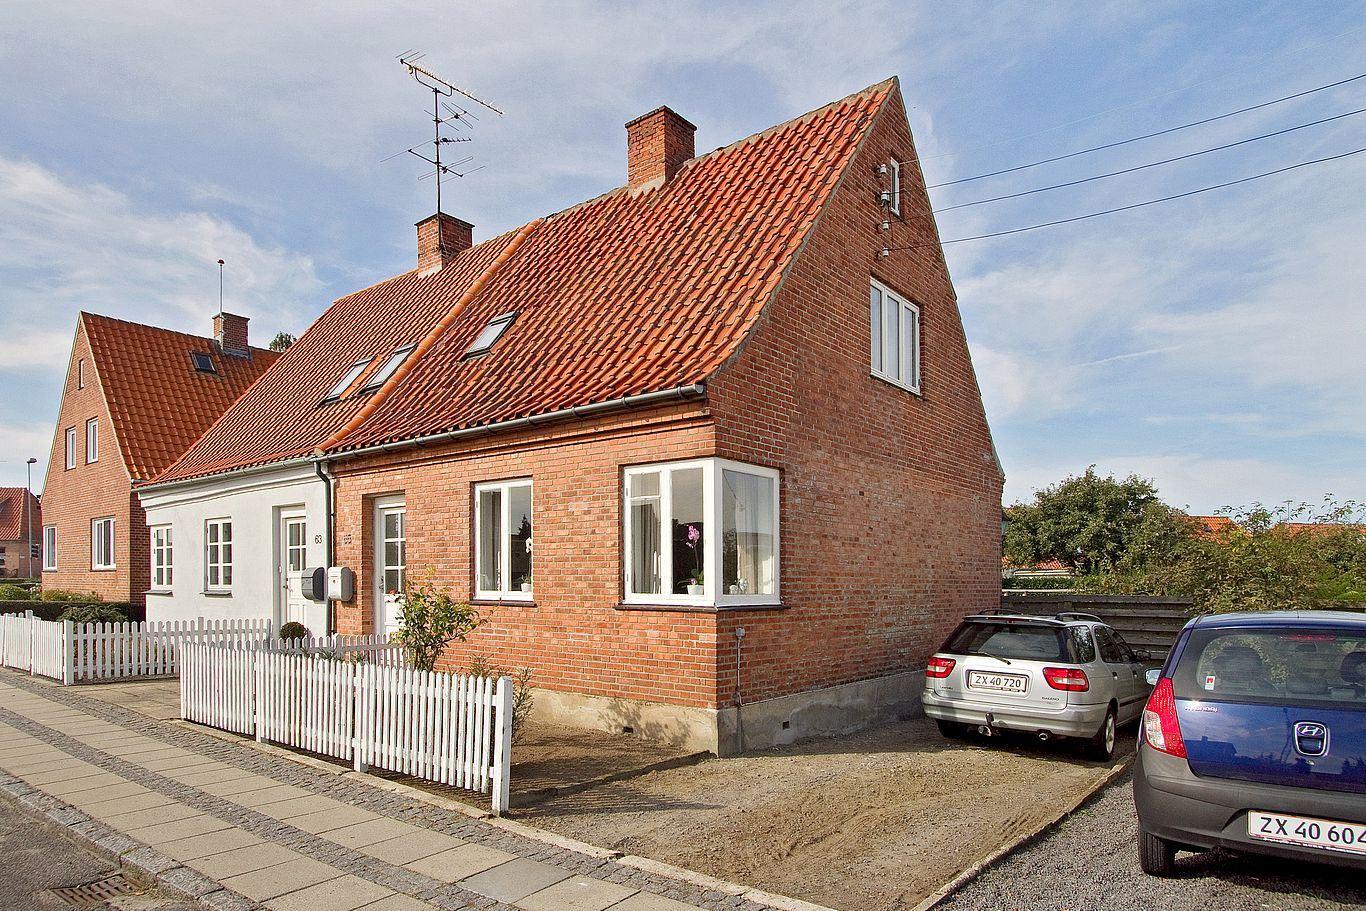 Byledsgade 65, Rønne, 3700 Rønne